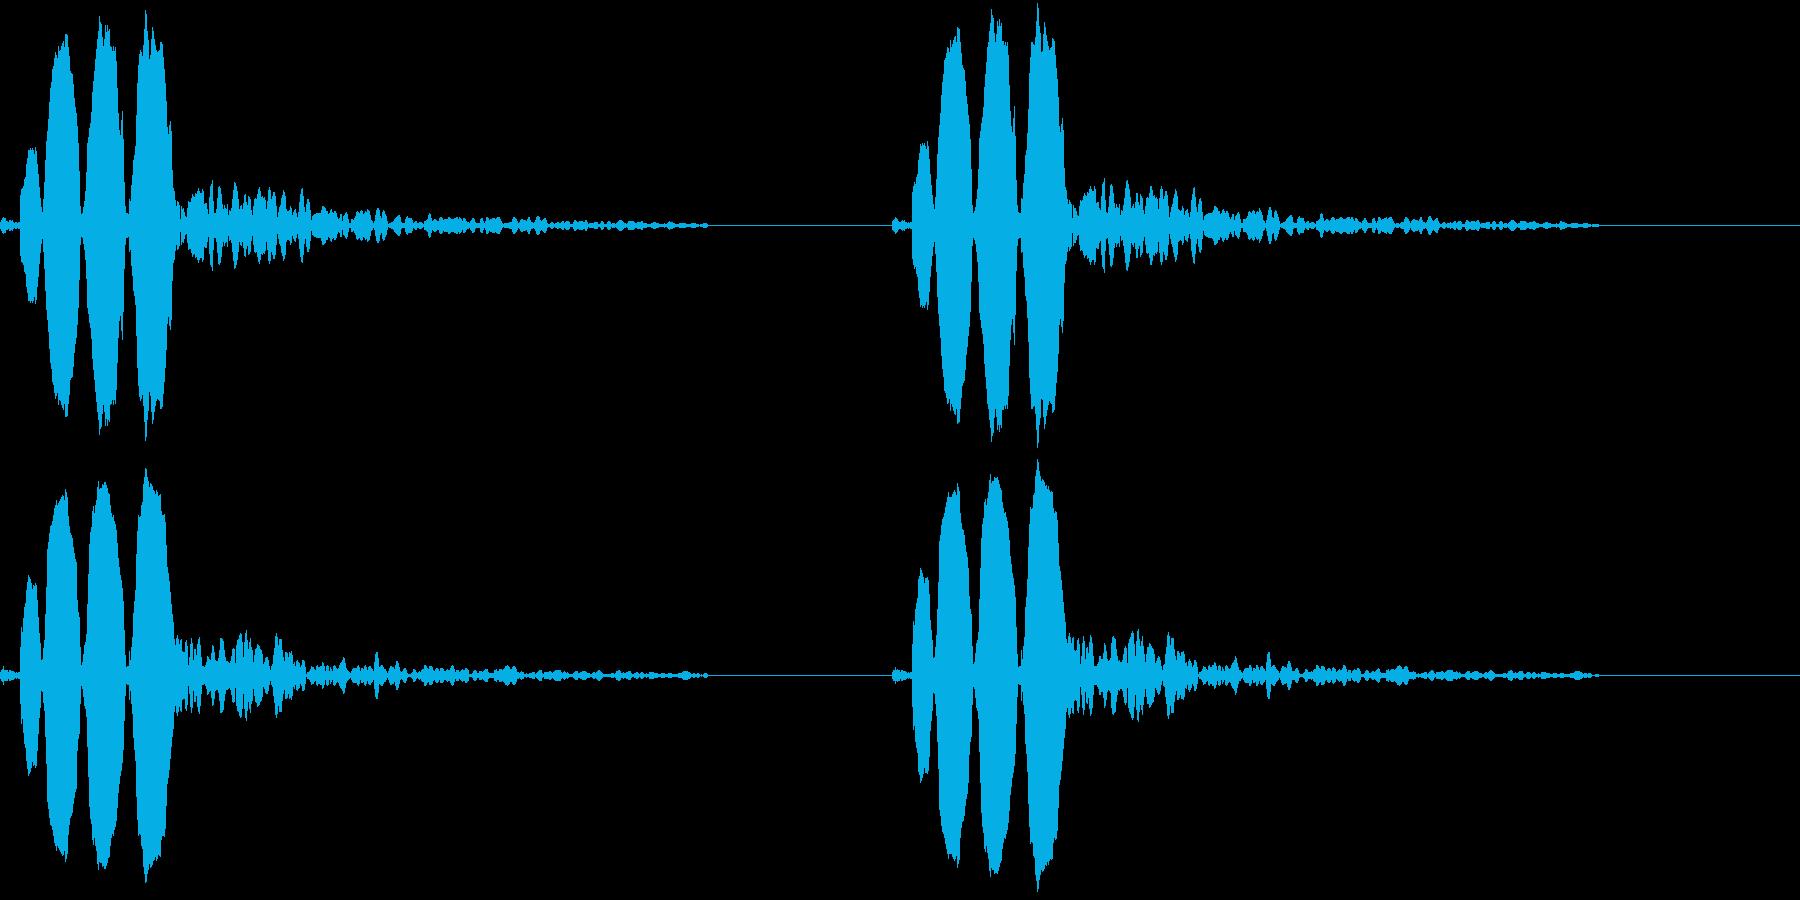 Animal 鳥のさえずり ちゅんちゅんの再生済みの波形